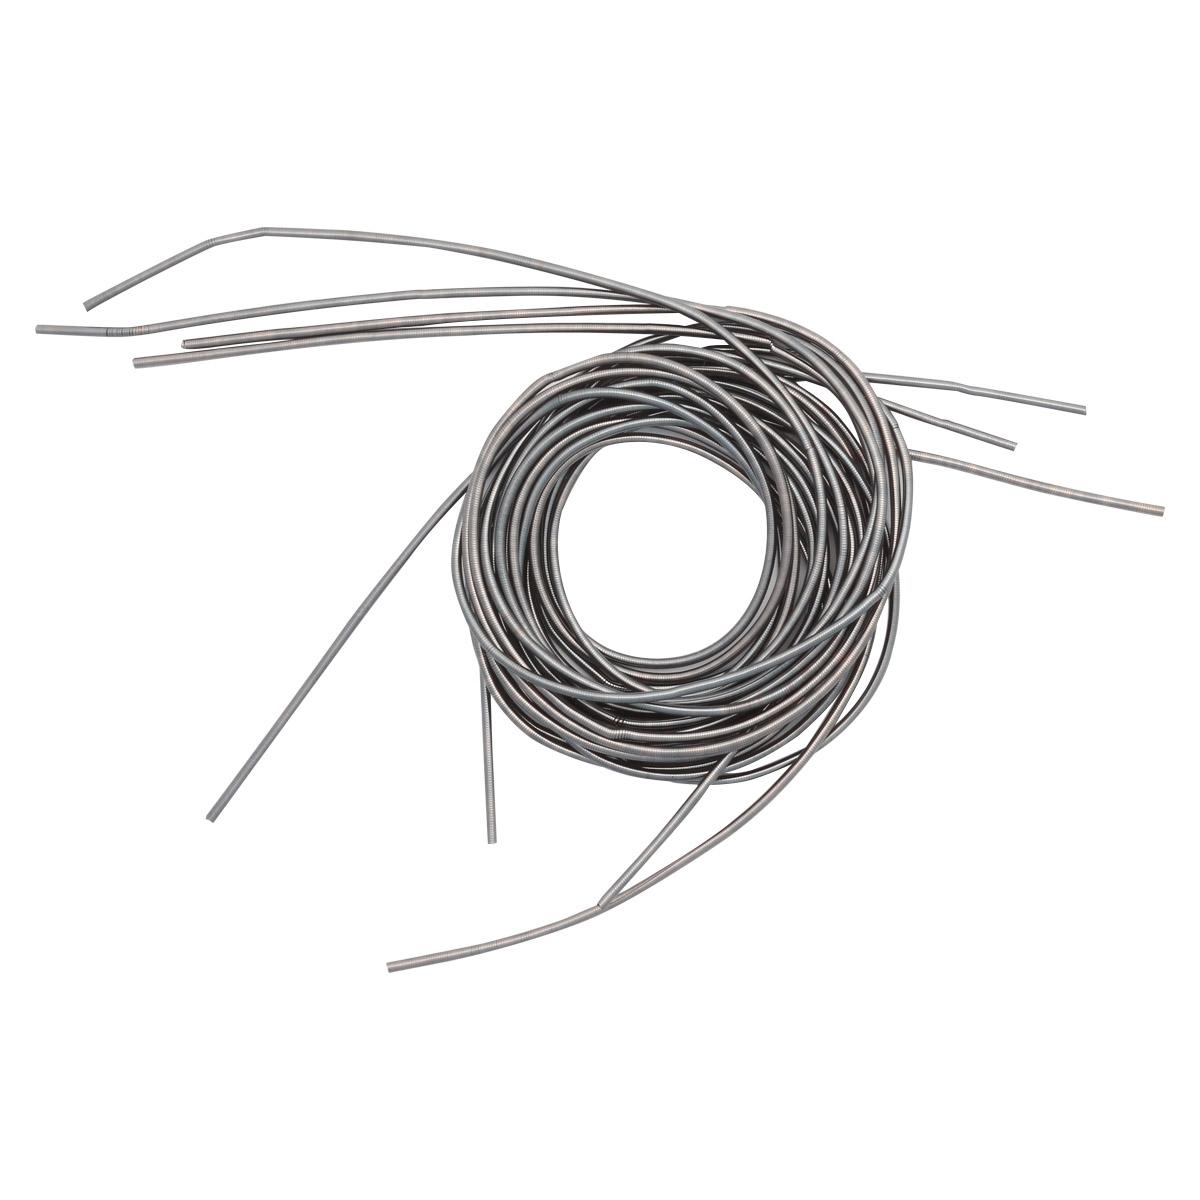 КА010НН1 Канитель гладкая Серый 1 мм 5 гр +/- гр.